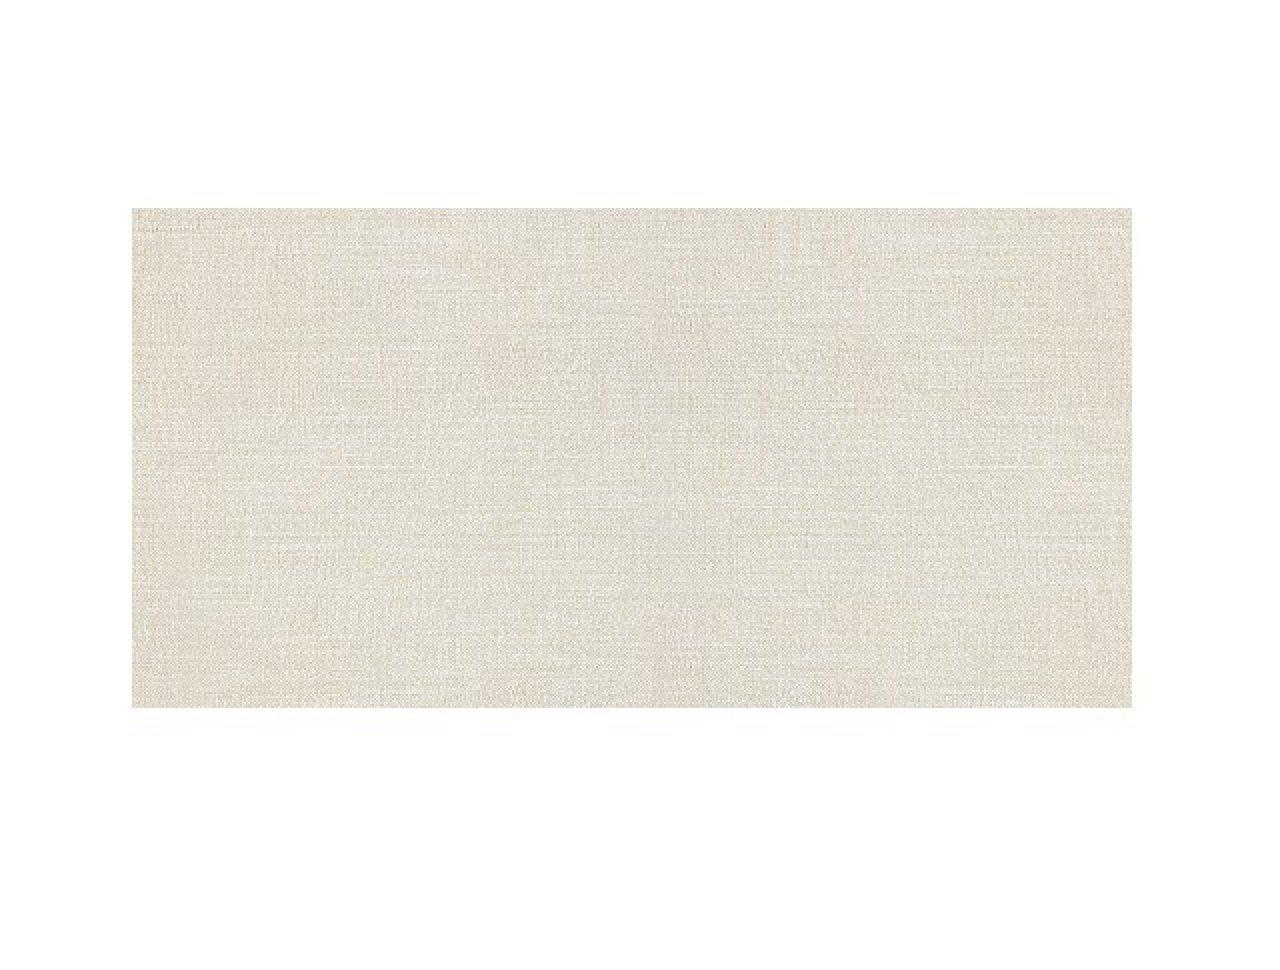 Настенная плитка Room White 40x80